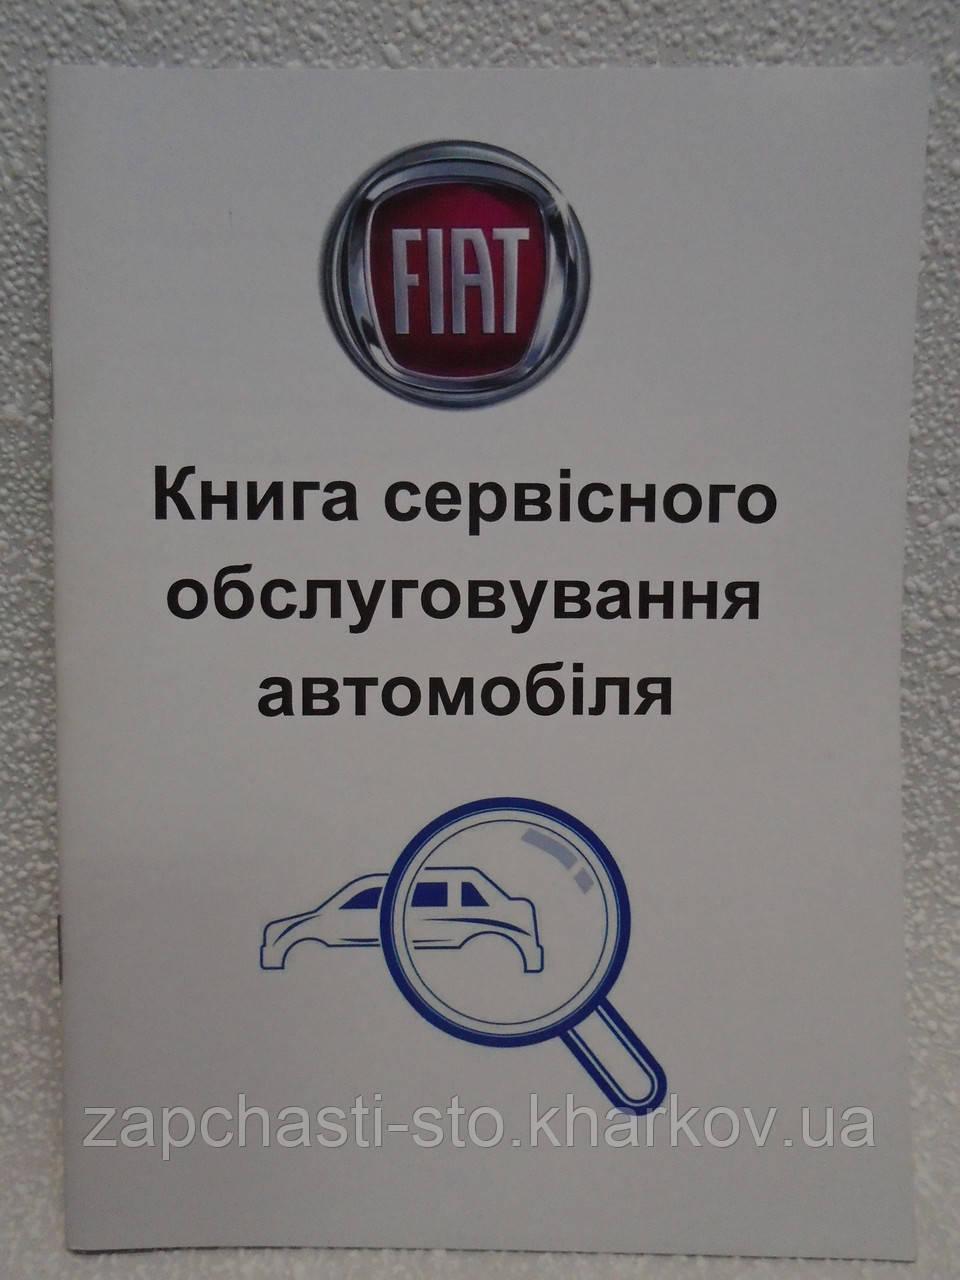 Сервісна книга автомобіля Fiat (Фіат)